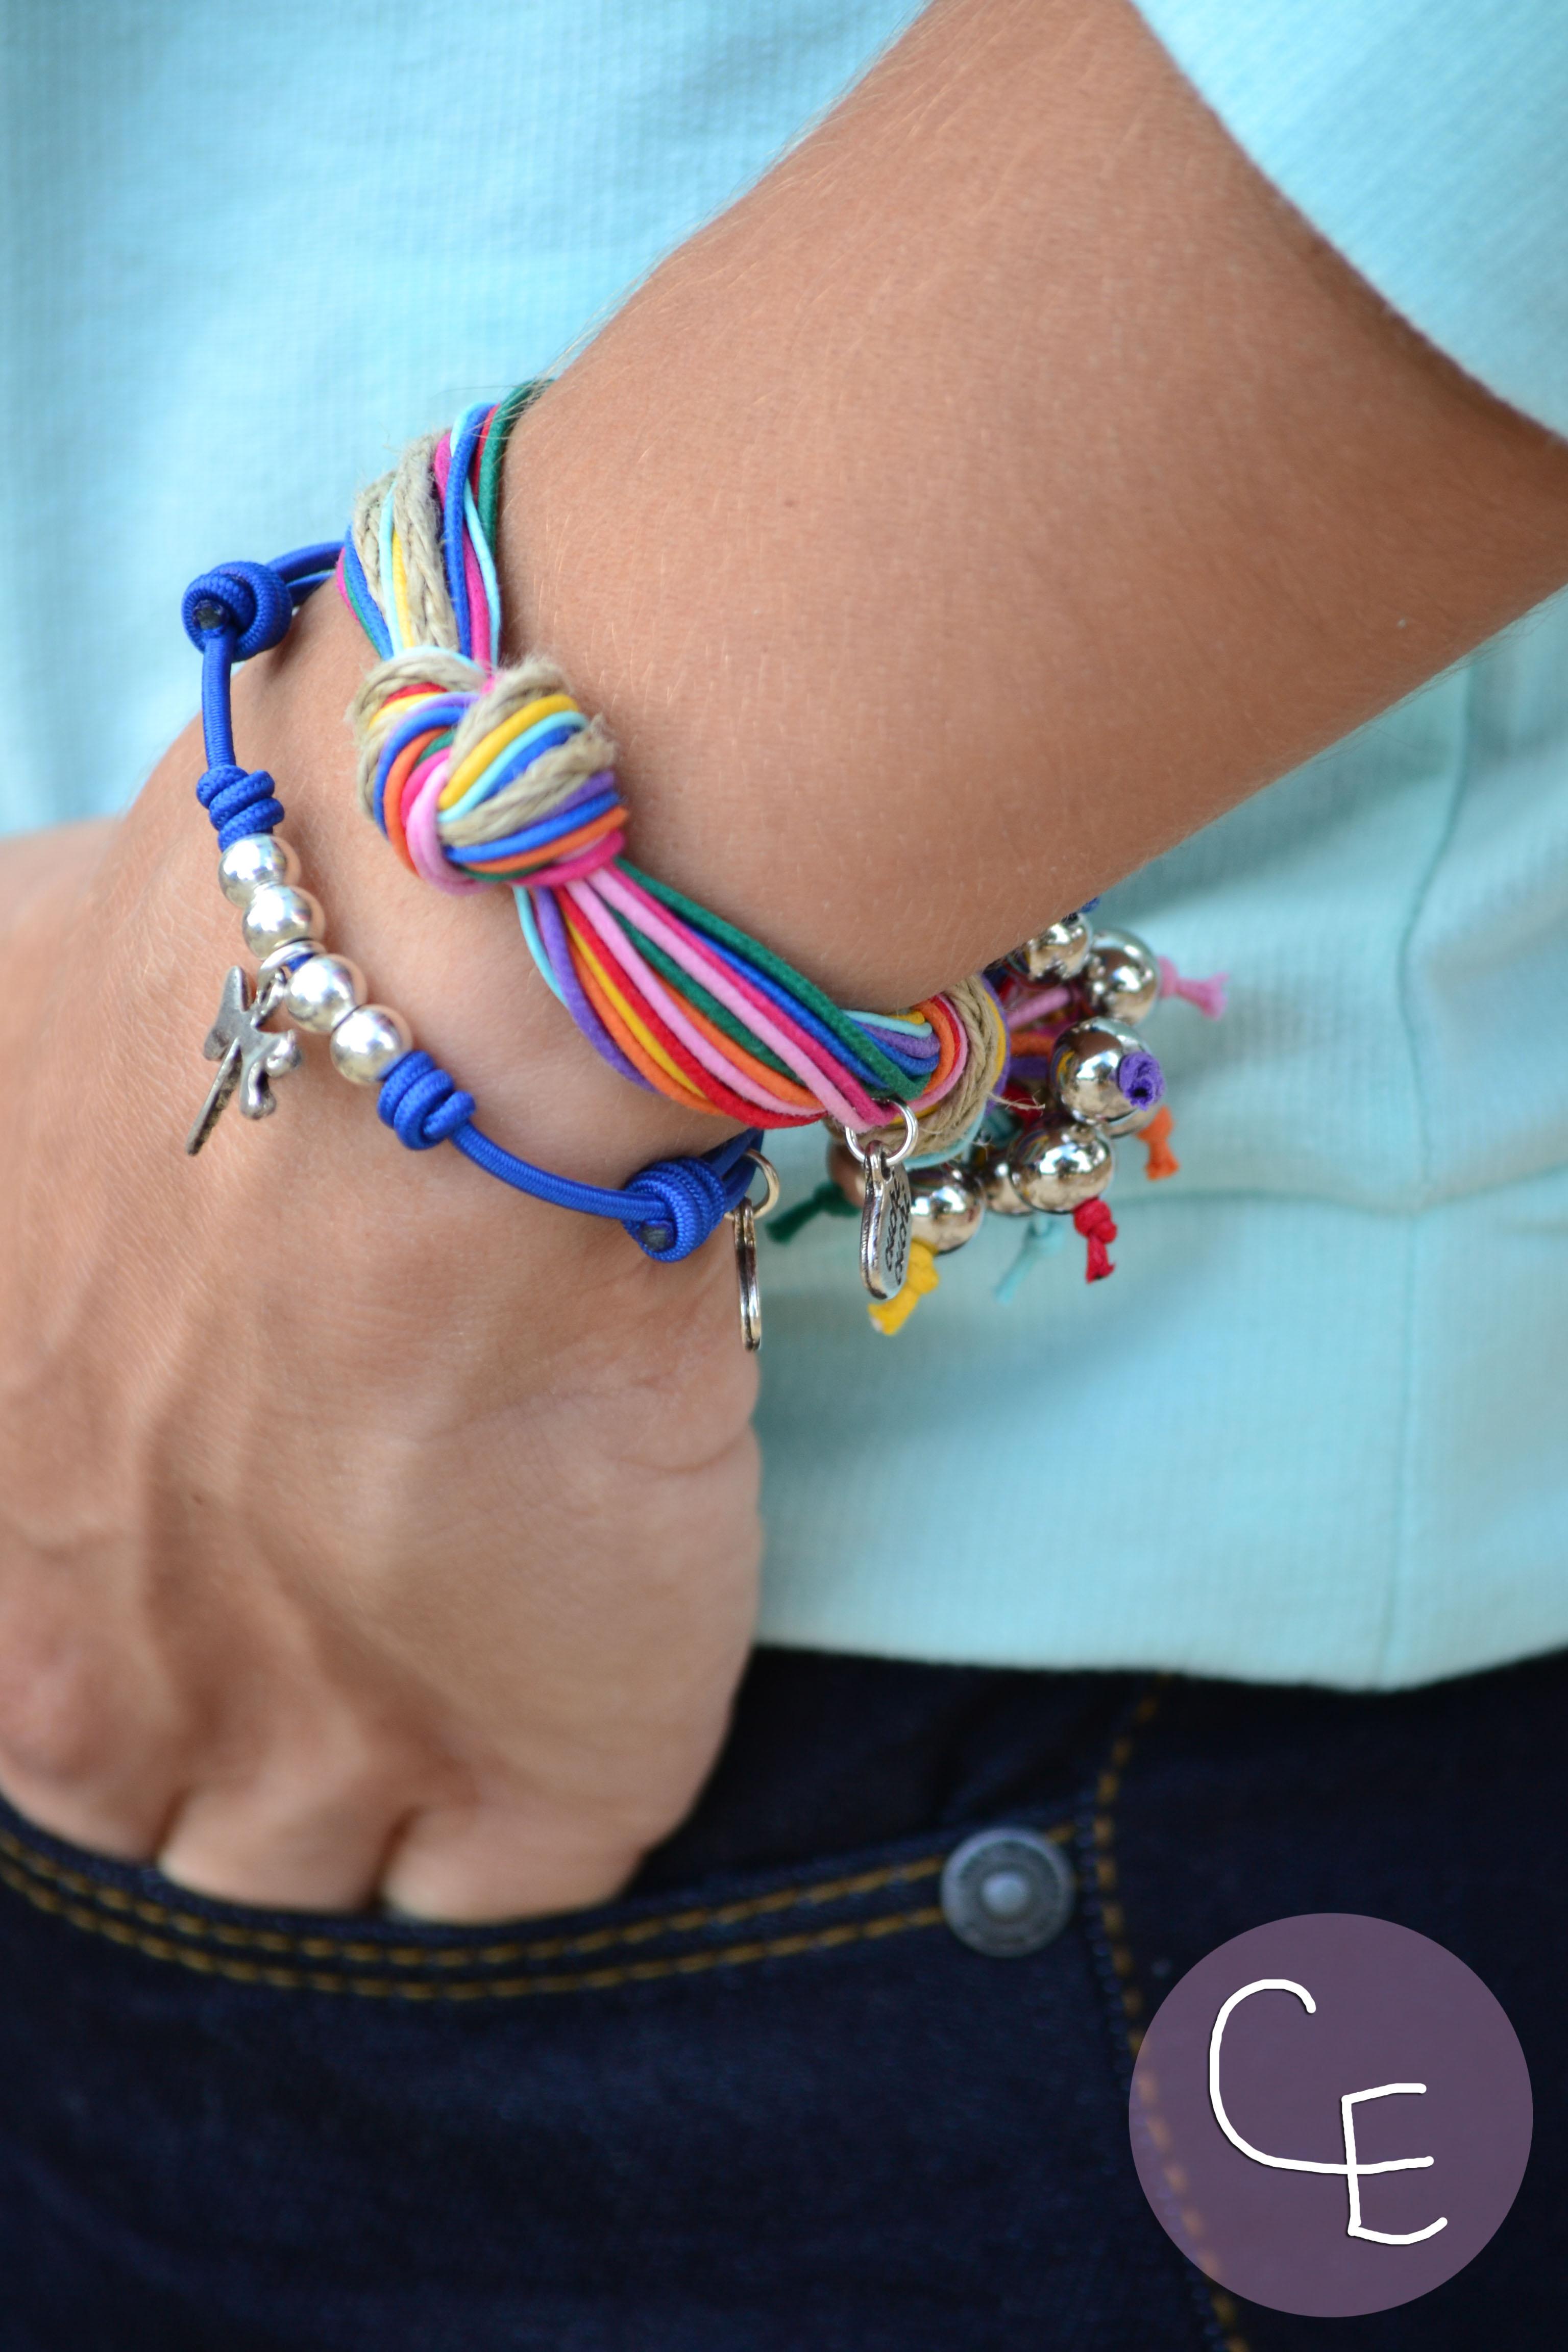 la reina del low cost pilar pascual blog de moda barata blogger buylevard online vero moda